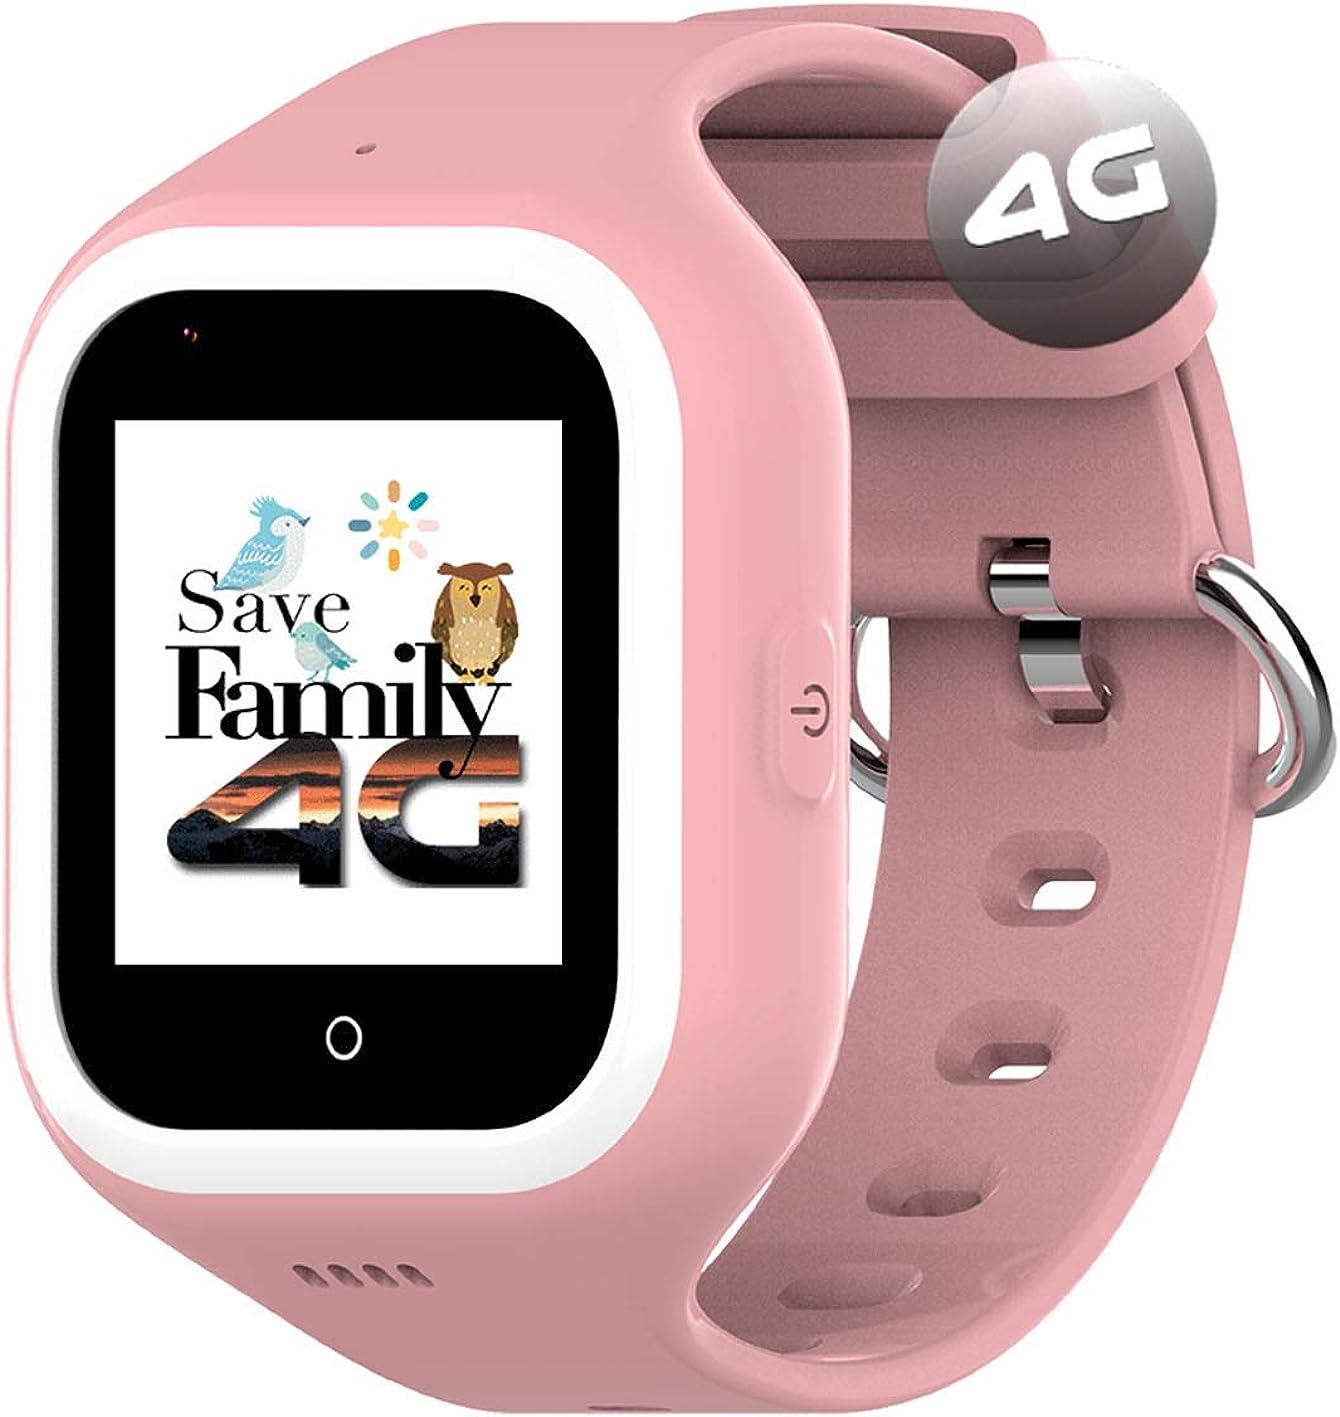 Reloj-Smartwatch 4G Iconic con Videollamada & GPS instantáneo para niños SaveFamily. Reloj con WiFi, Bluetooth, cámara, identificador de Llamadas, Boton SOS Waterproof Ip67. App SaveFamily